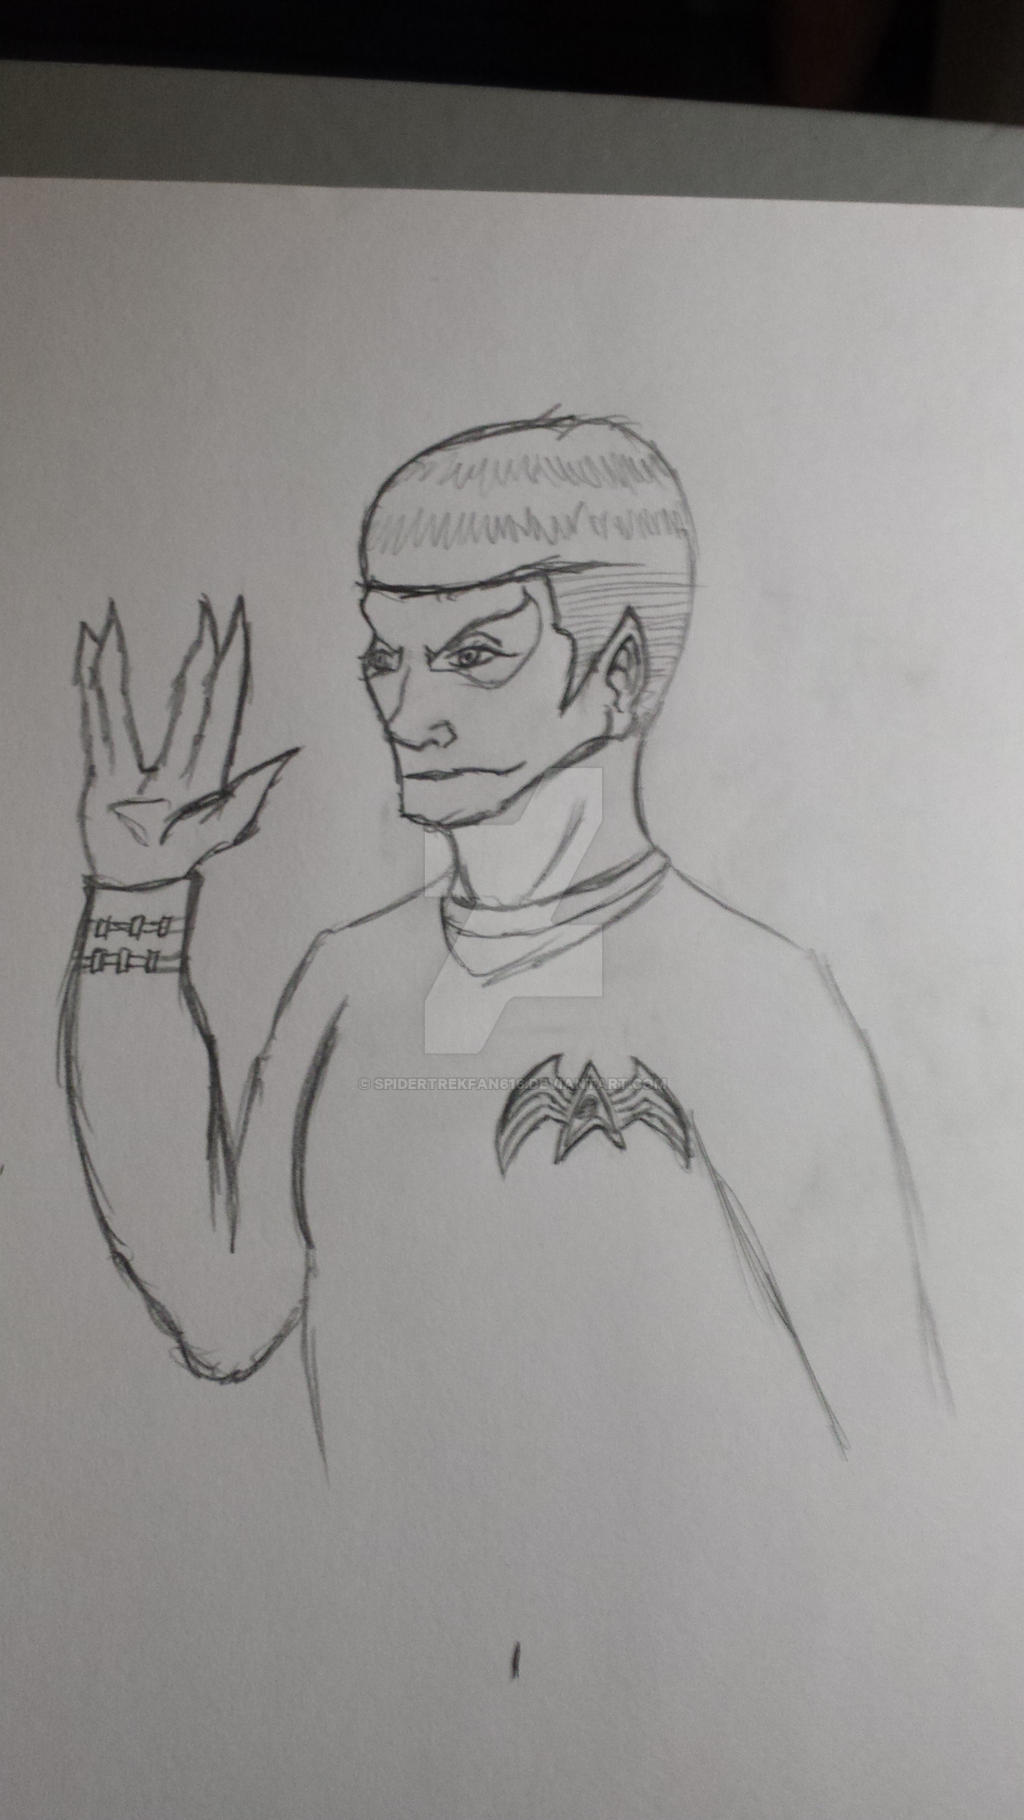 symbiote Spock by SpiderTrekfan616